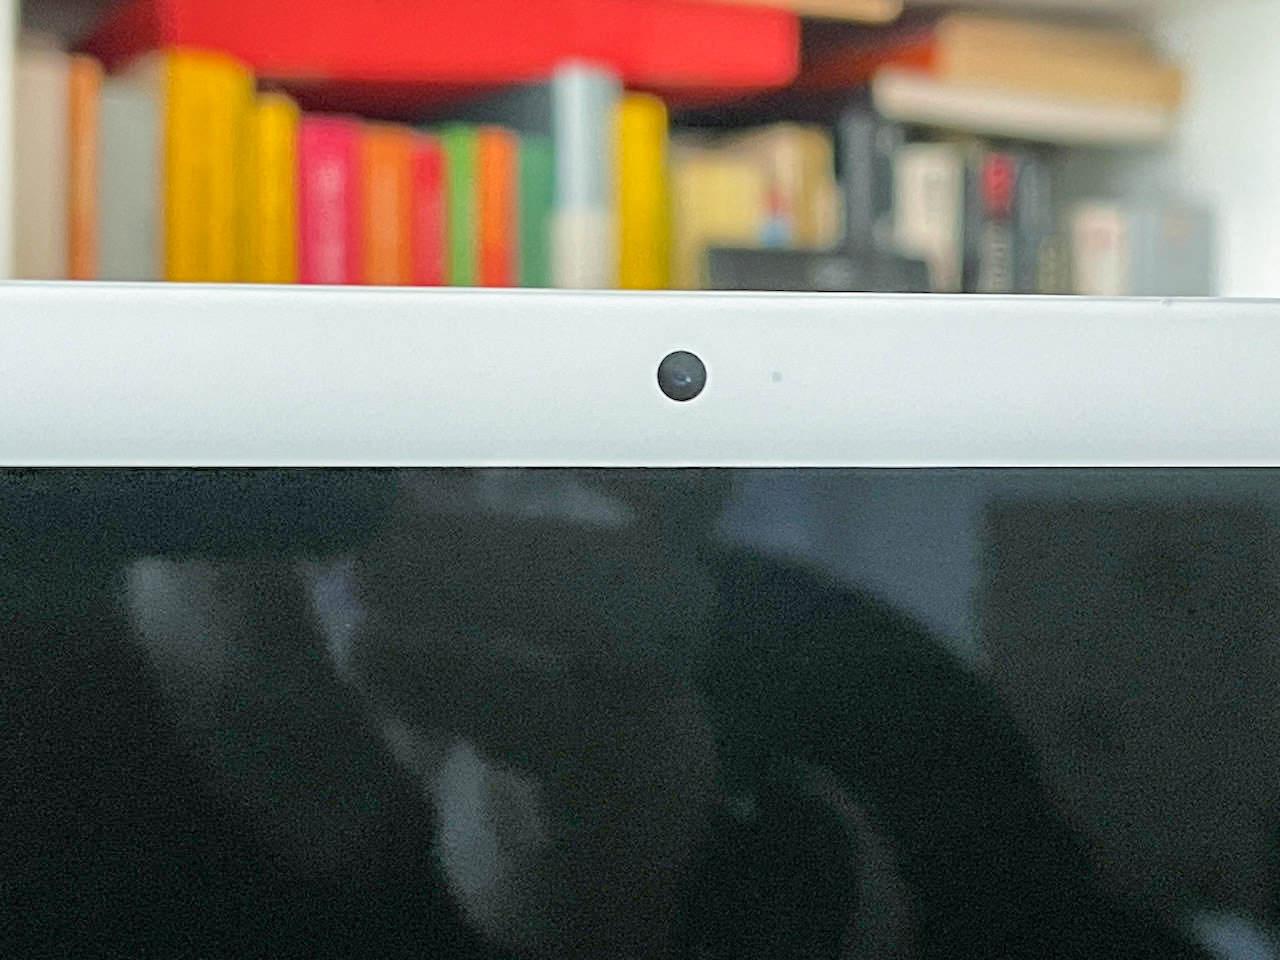 È arrivato l'iMac 24 M1, il gioiello sottile di Apple